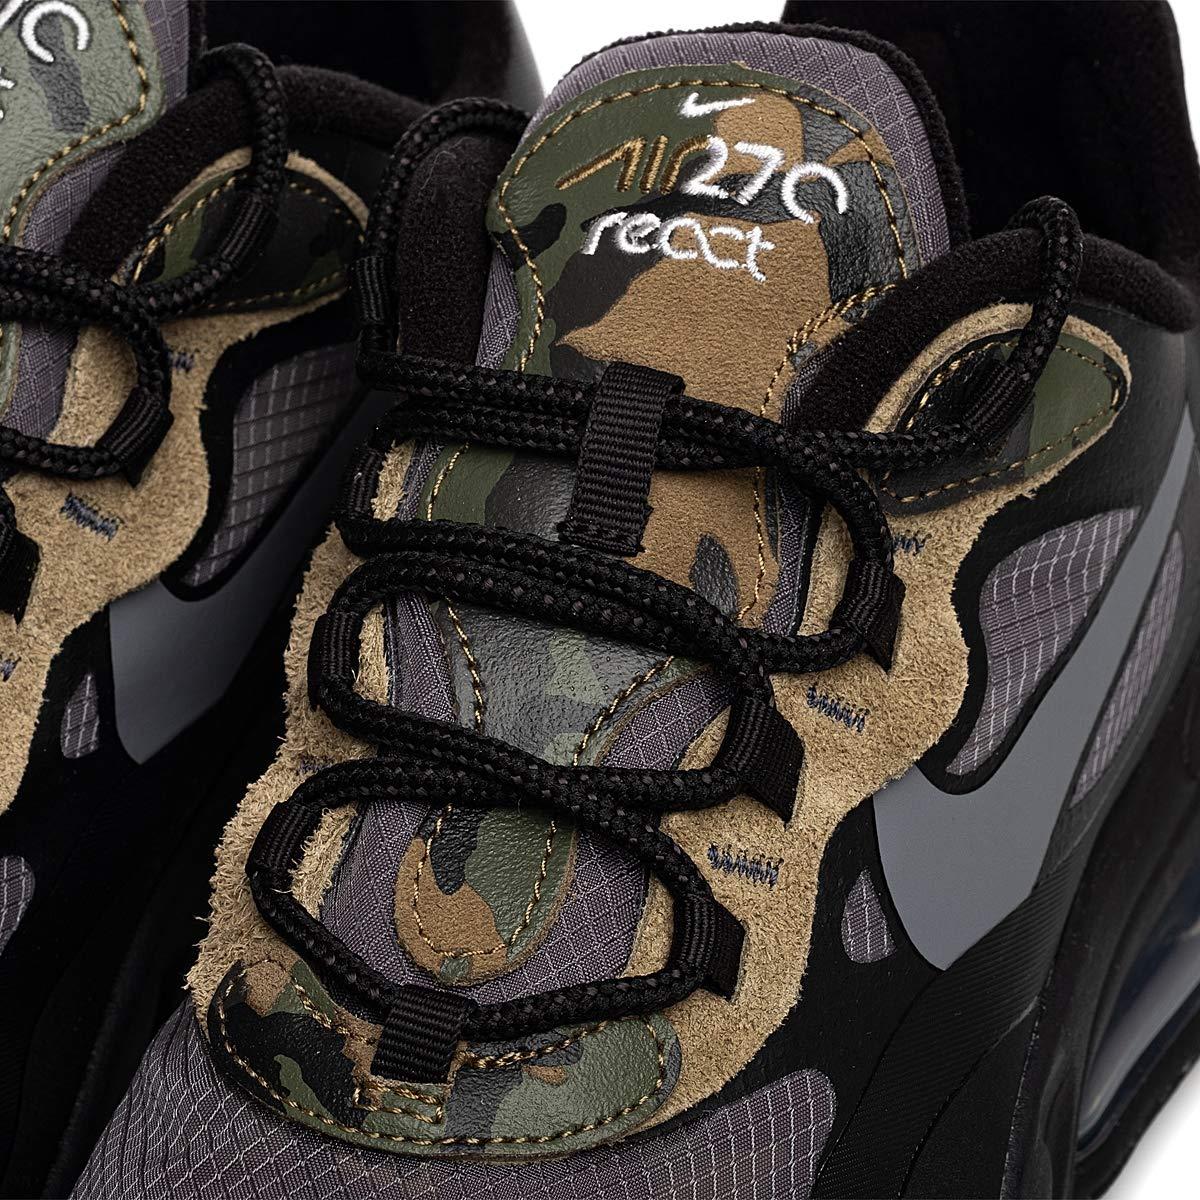 Nike Air Max 270 React New Color React ELECTRO GREEN Scarpe da corsa casual di alta qualità Uomo Sport Scarpe da ginnastica da uomo Sneakers Formato